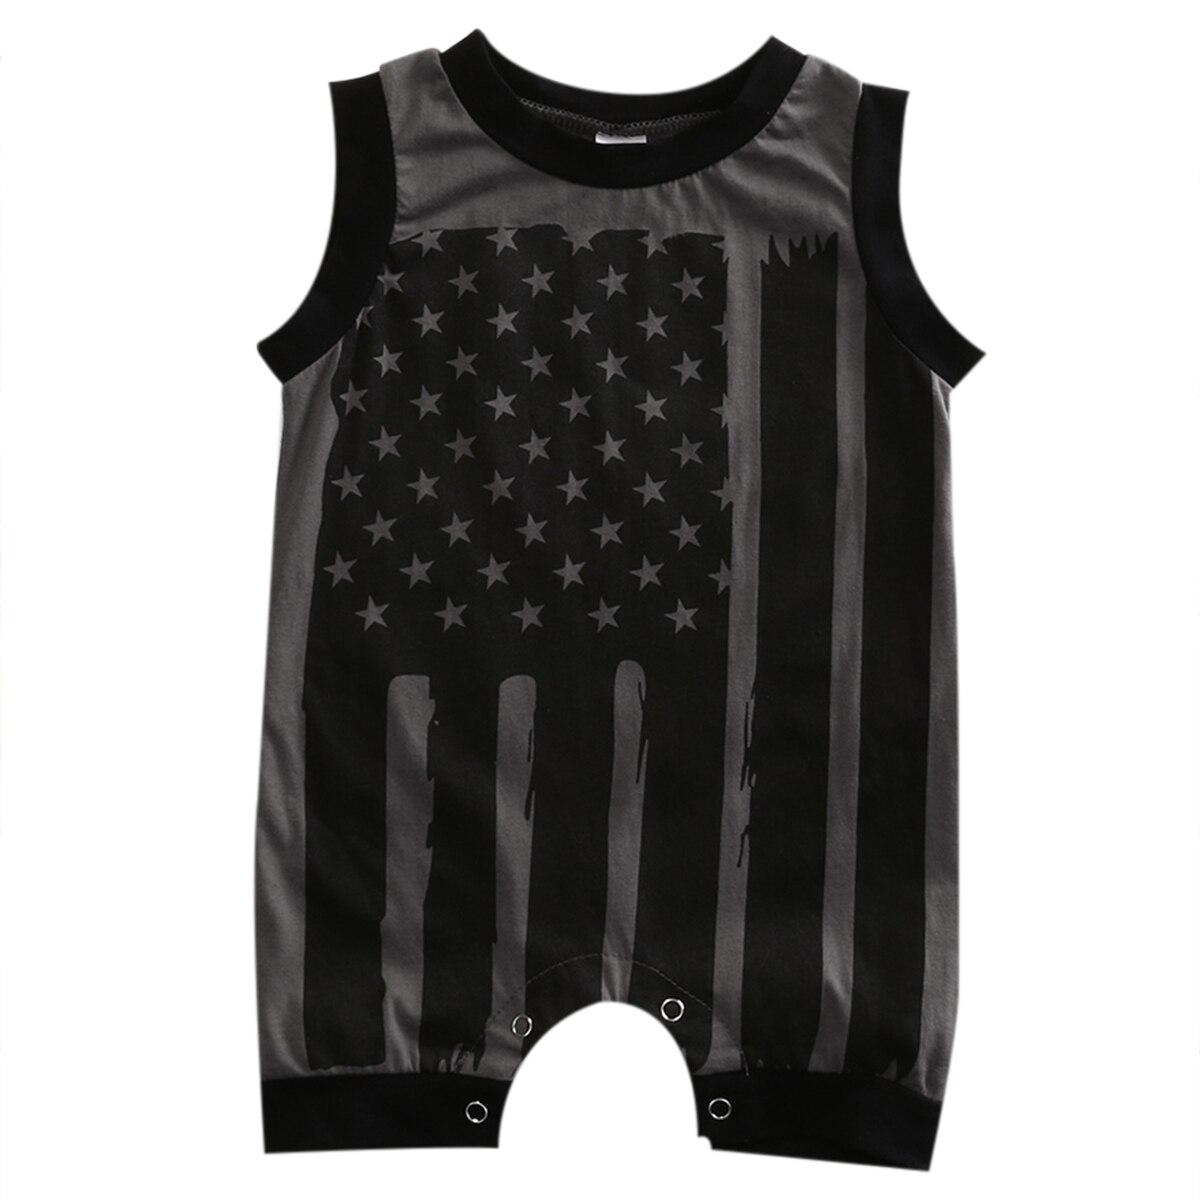 Sommer 2017 Neugeborenen Kleinkind Kinder Baby Jungen Mädchen Ärmel Gestreiften Flagge Spielanzugoverall Kleidung Outfits